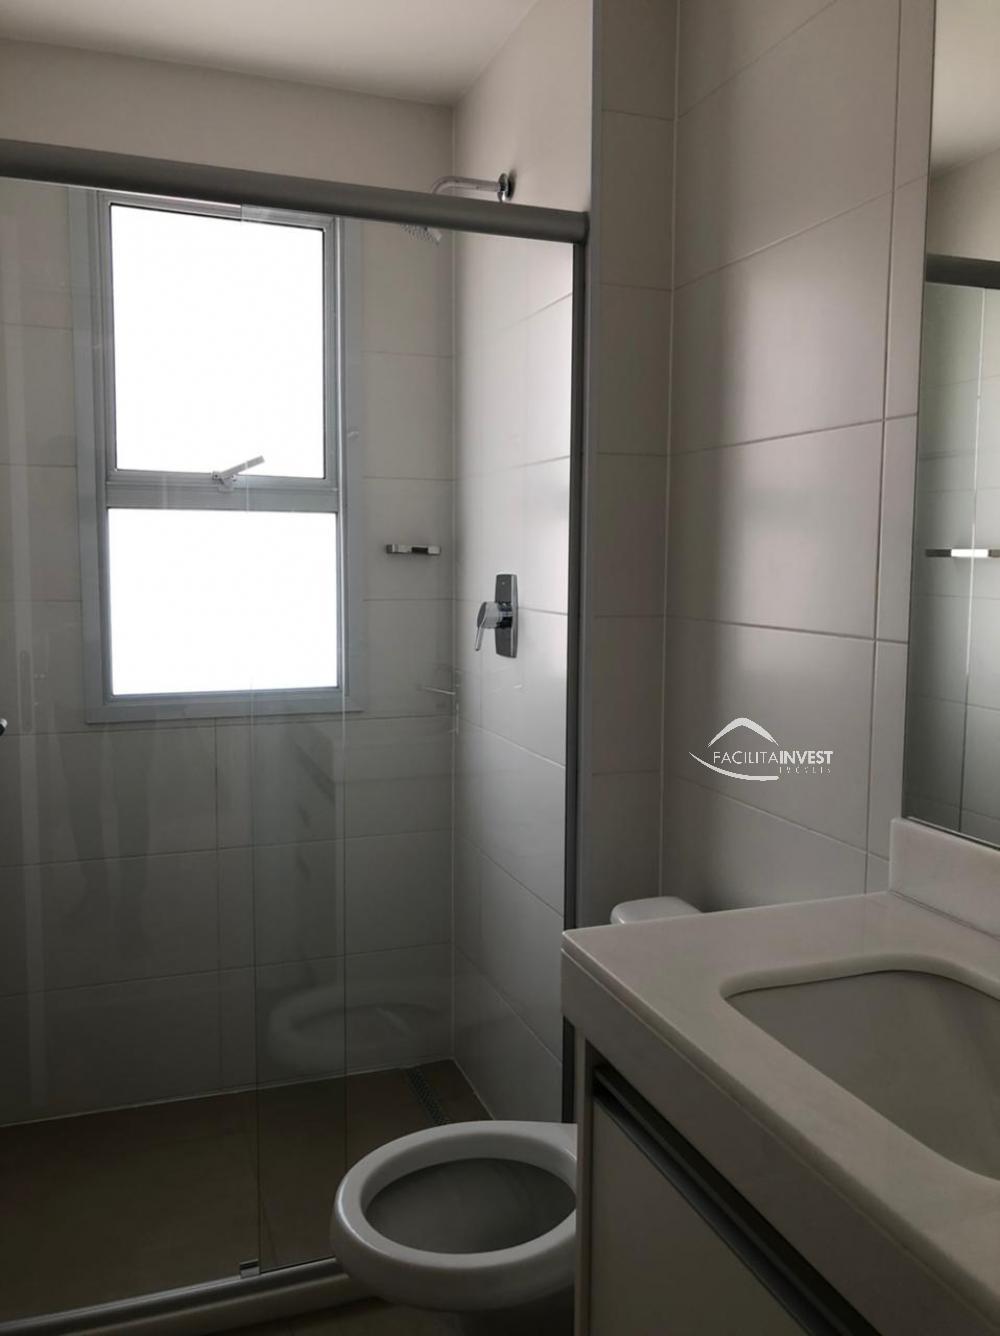 Alugar Apartamentos / Apart. Padrão em Ribeirão Preto R$ 3.200,00 - Foto 14